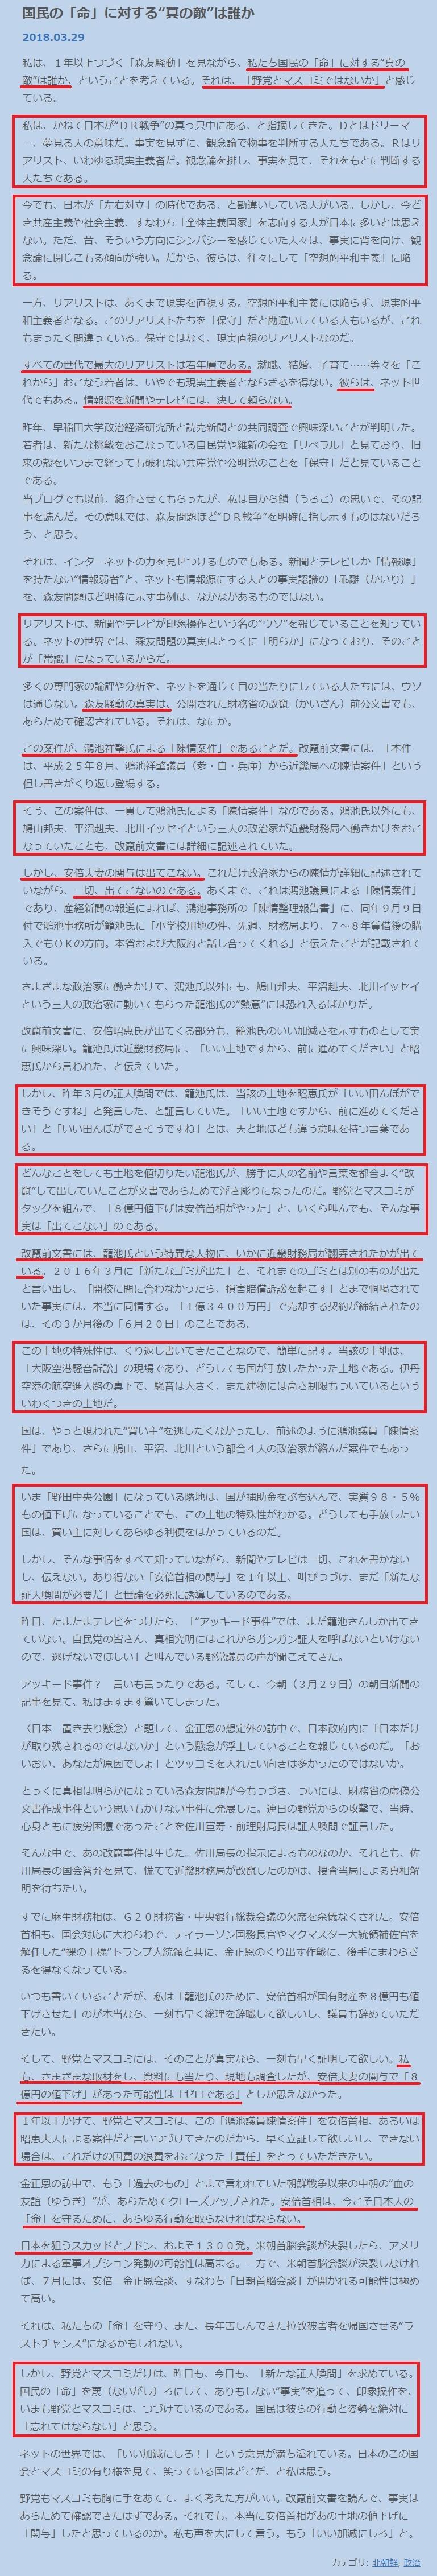 門田隆将のブログ2